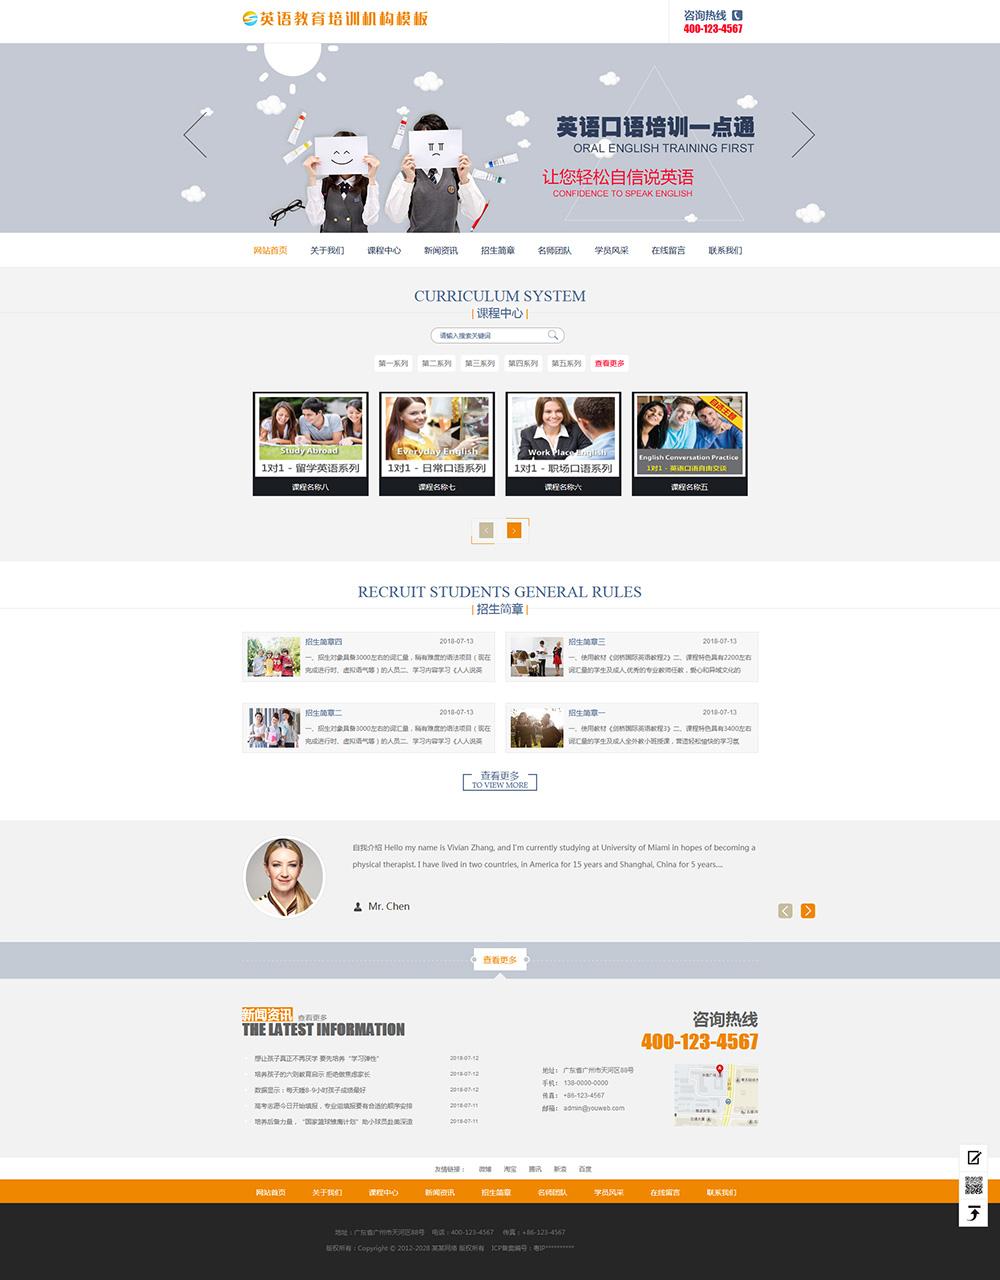 英语教育培训机构企业网站模板-675